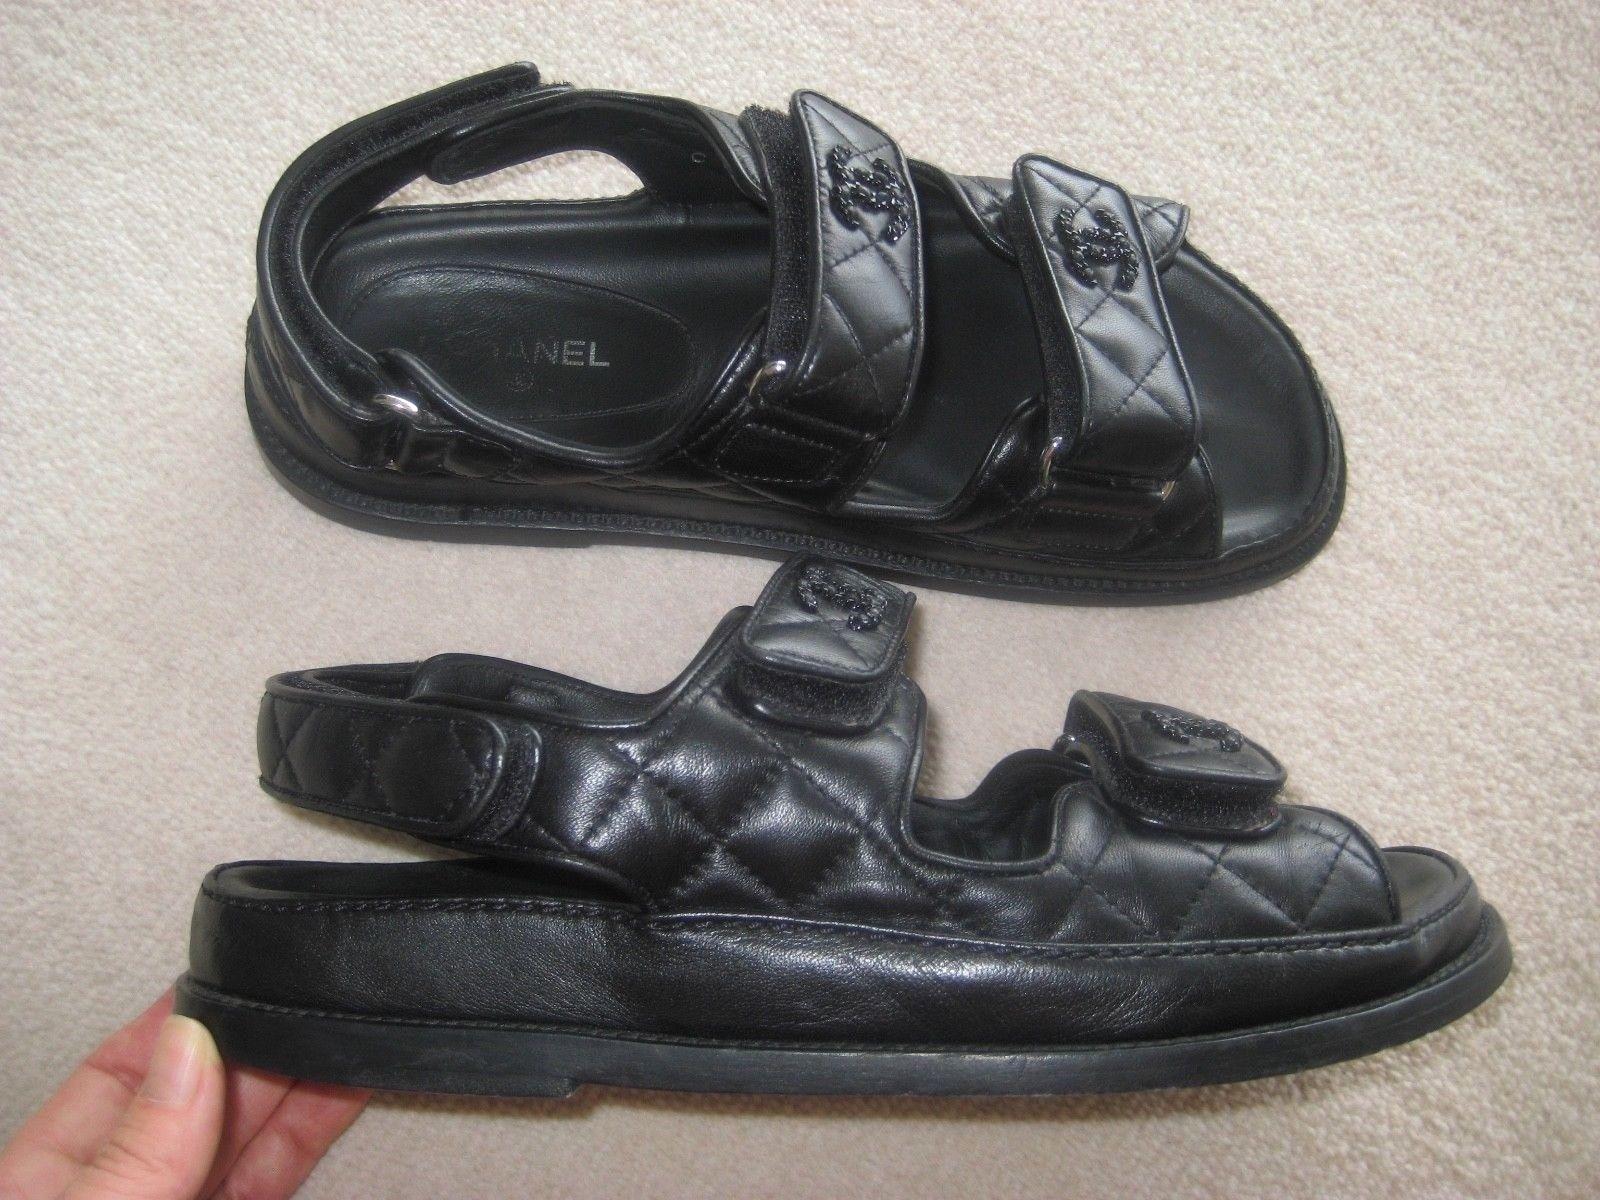 9a5548d27 2017 Chanel Black Leather Velcro Straps Platform Sandals CC Logo Shoes 39  Rare